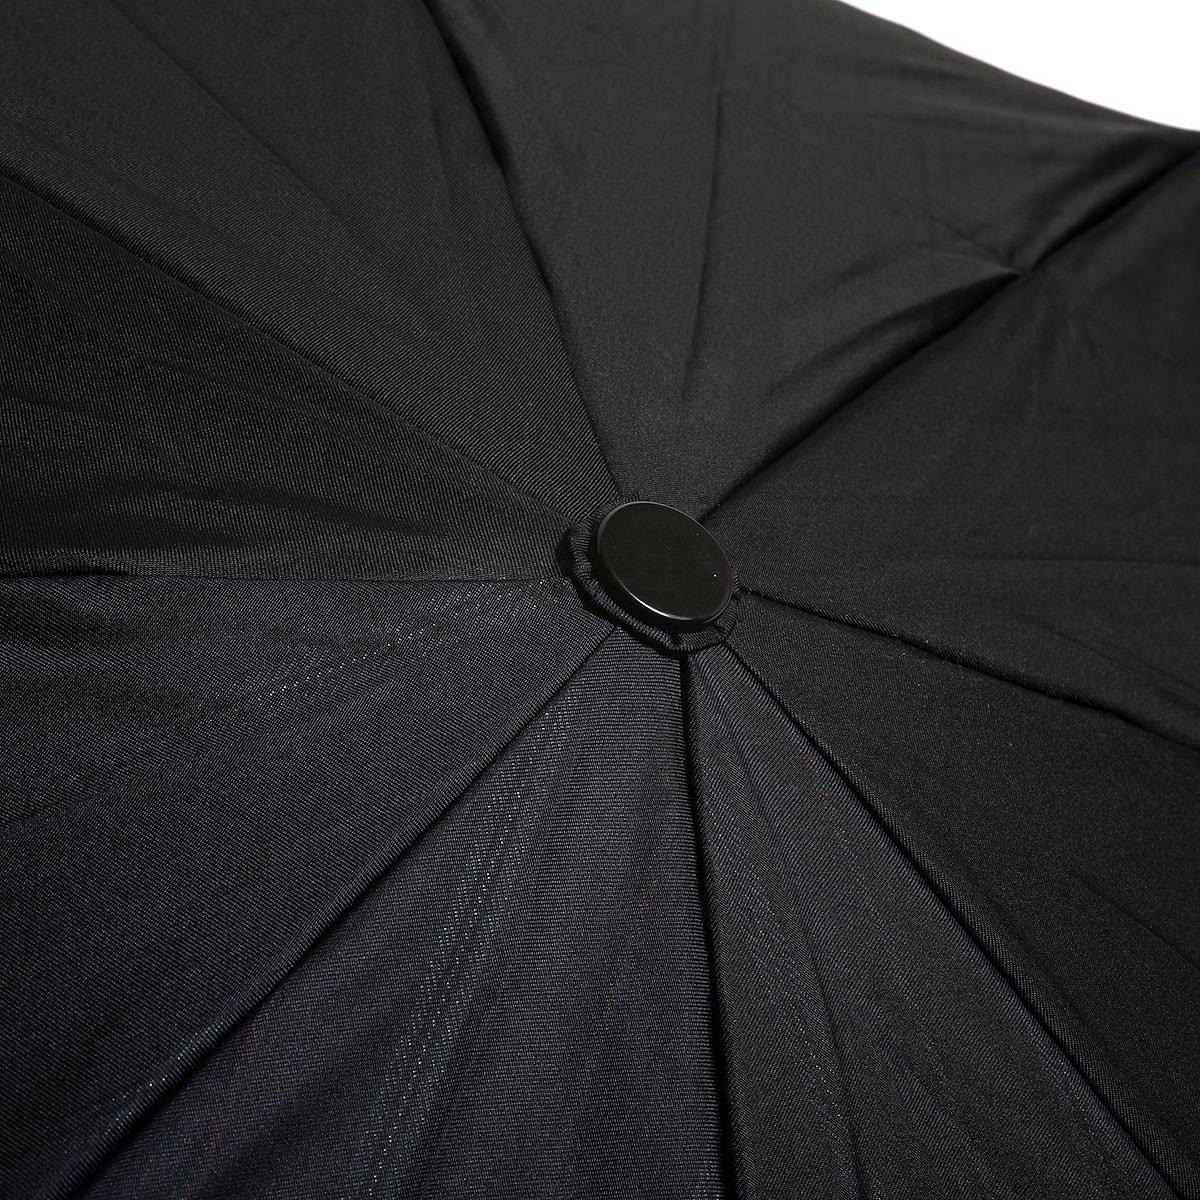 ダブルフェイス オルタネートストライプ 耐風骨 折りたたみ傘 詳細画像6